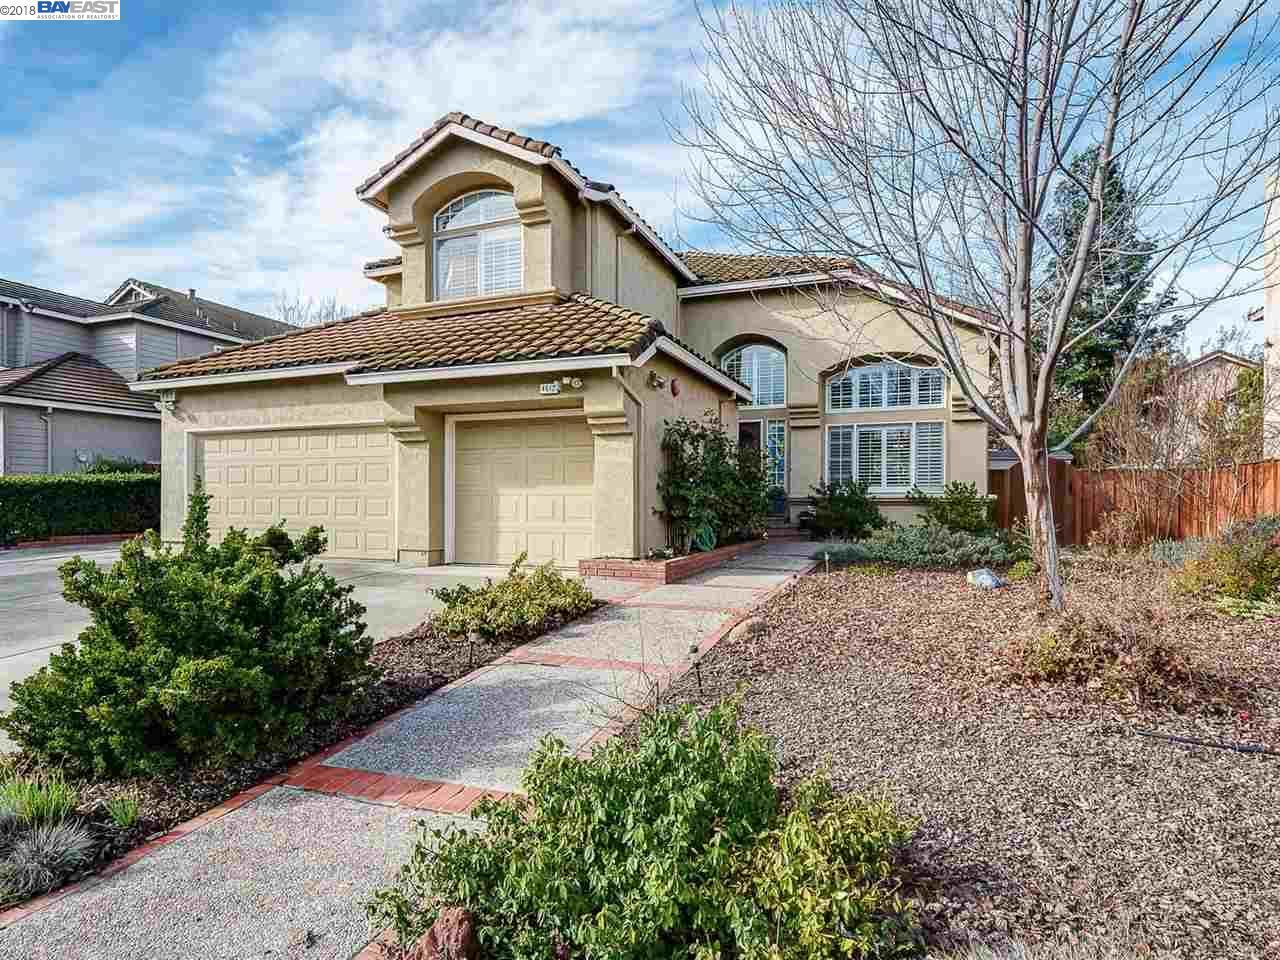 Einfamilienhaus für Verkauf beim 4612 Sarah Court 4612 Sarah Court Livermore, Kalifornien 94550 Vereinigte Staaten